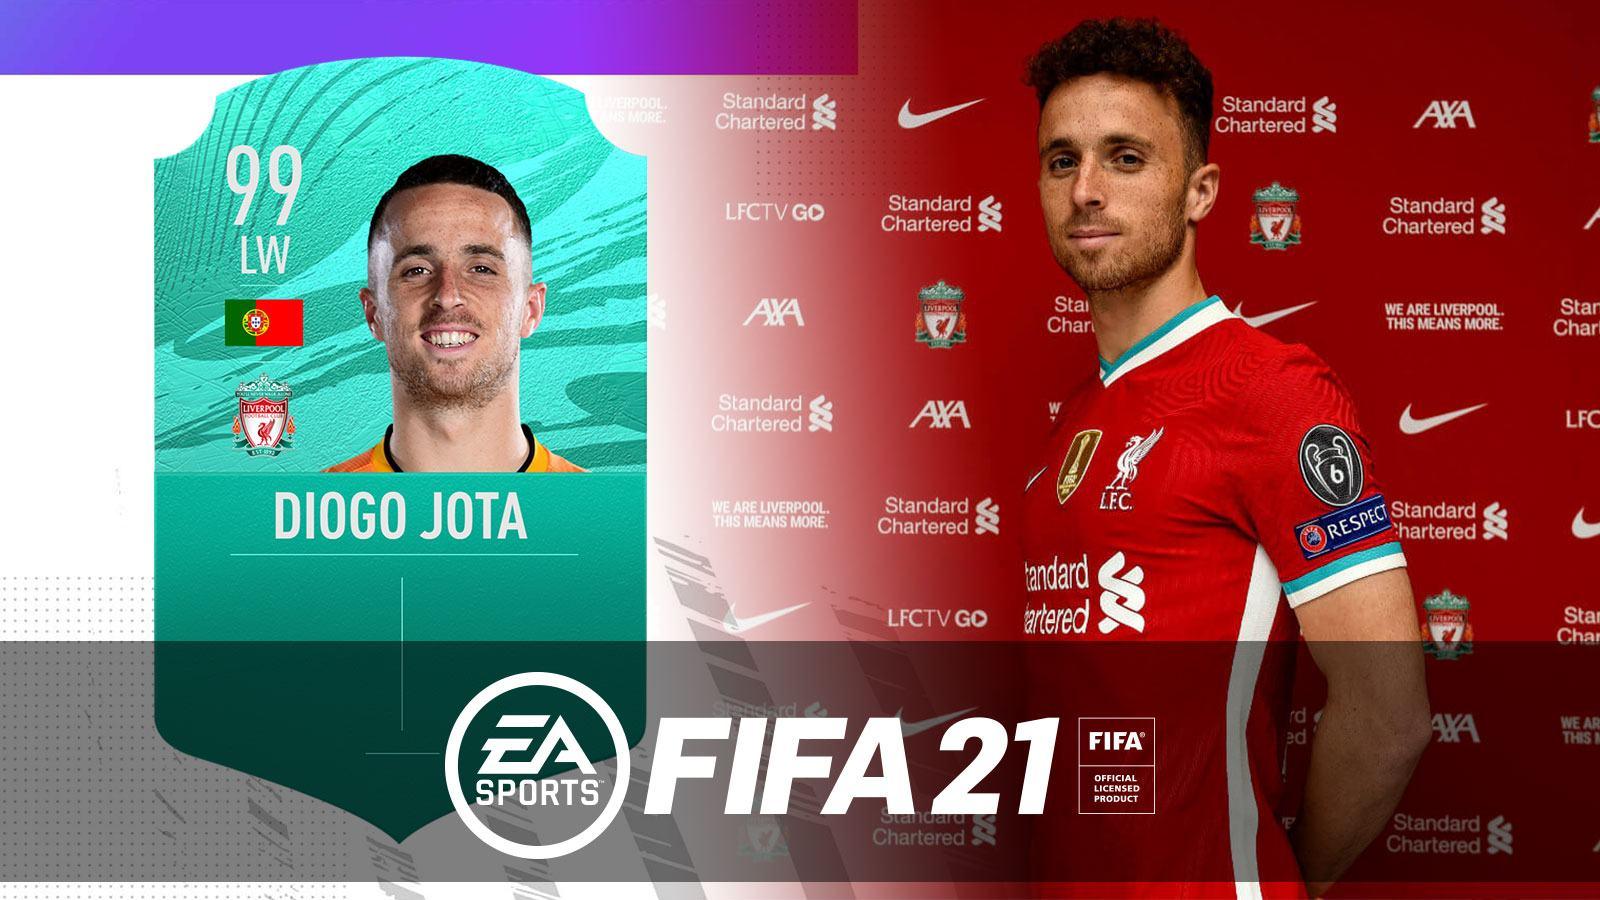 L'équipe FIFA 21 de Diogo Jota